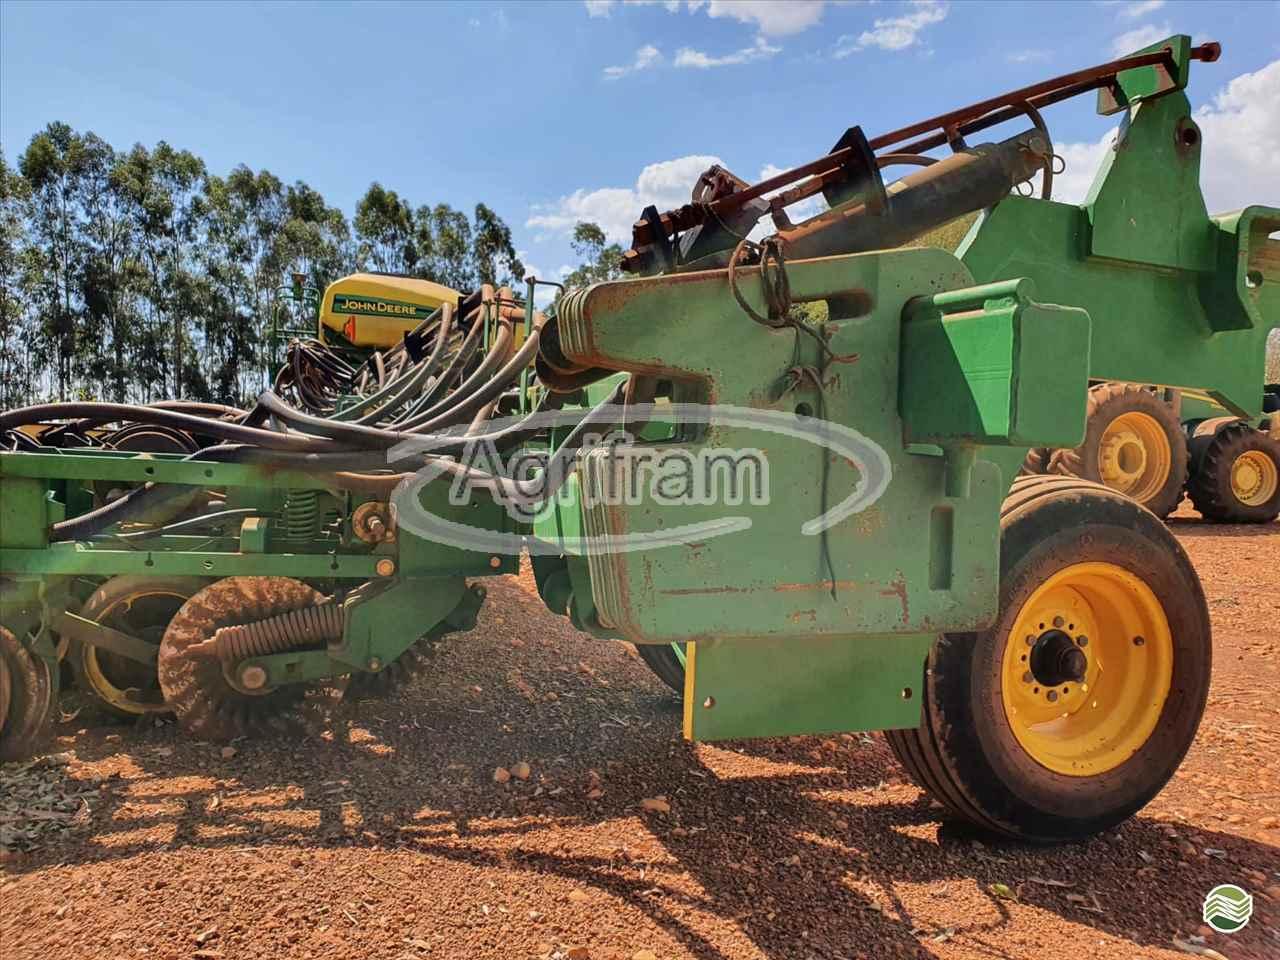 PLANTADEIRA JOHN DEERE PLANTADEIRAS DB74 Agrifram Máquinas e Soluções Agrícolas LUIS EDUARDO MAGALHAES BAHIA BA